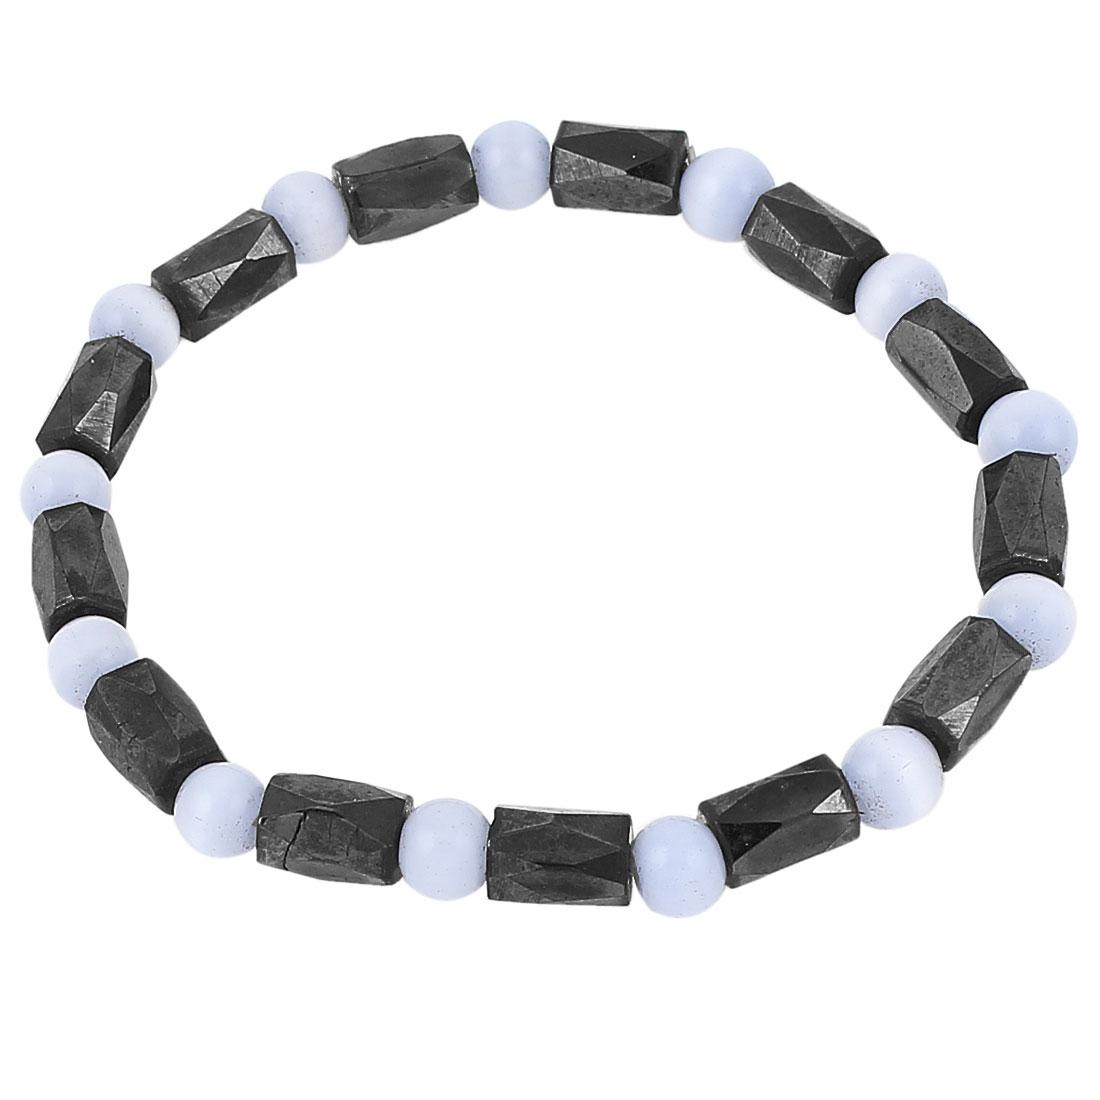 Lady Round Plastic Beads Elastic Wrist Magnetic Bracelet Bangle Black Blue